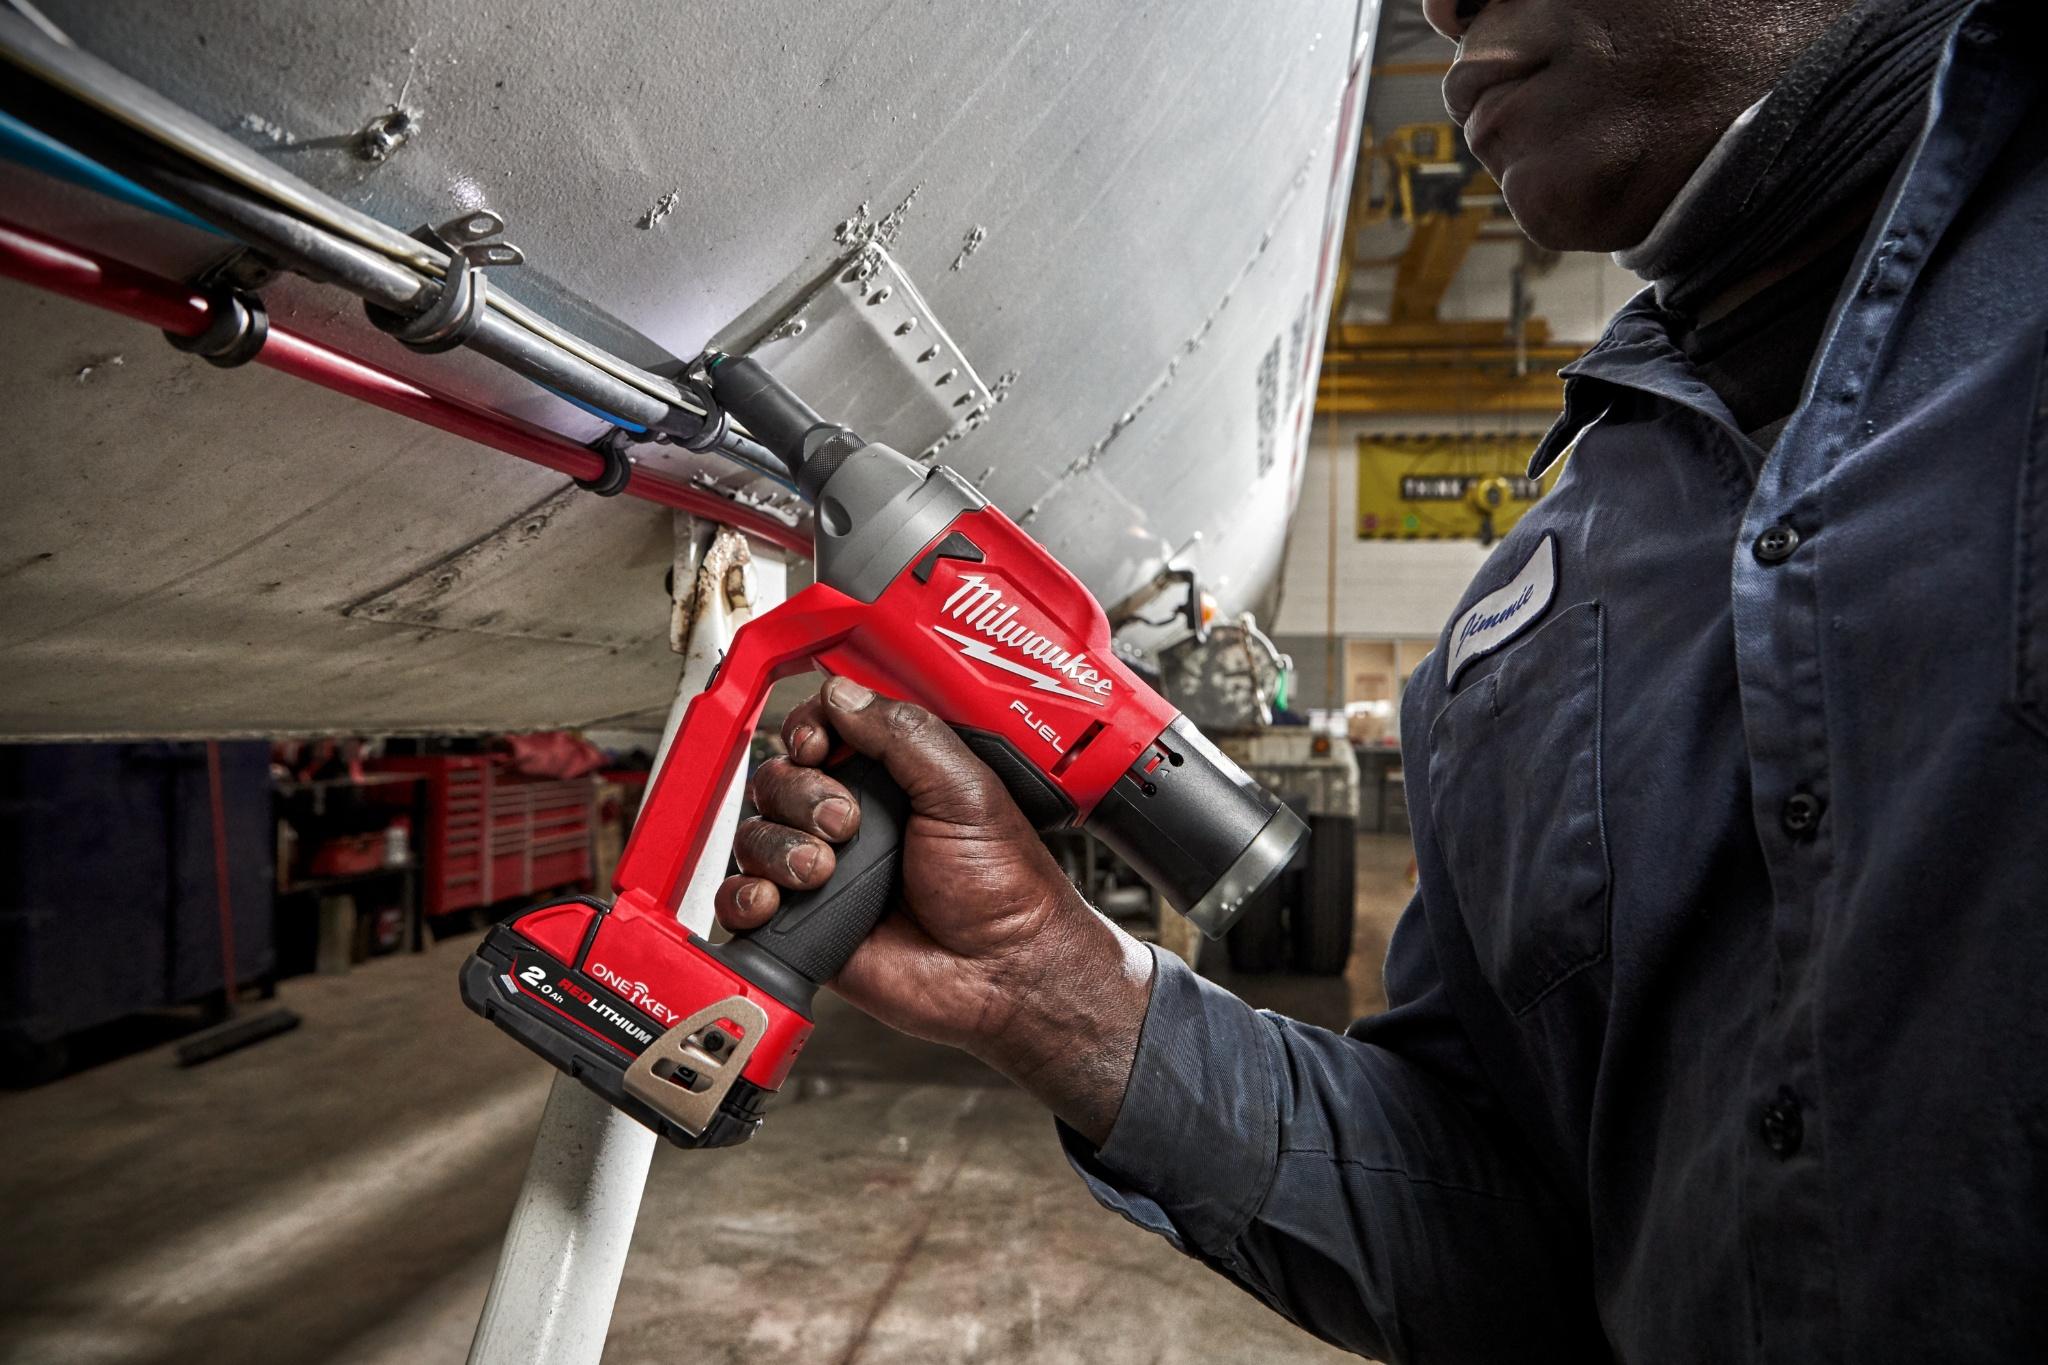 Hurtigere nitning og uovertruffen ydelse med m18 fuel popnittepistolen